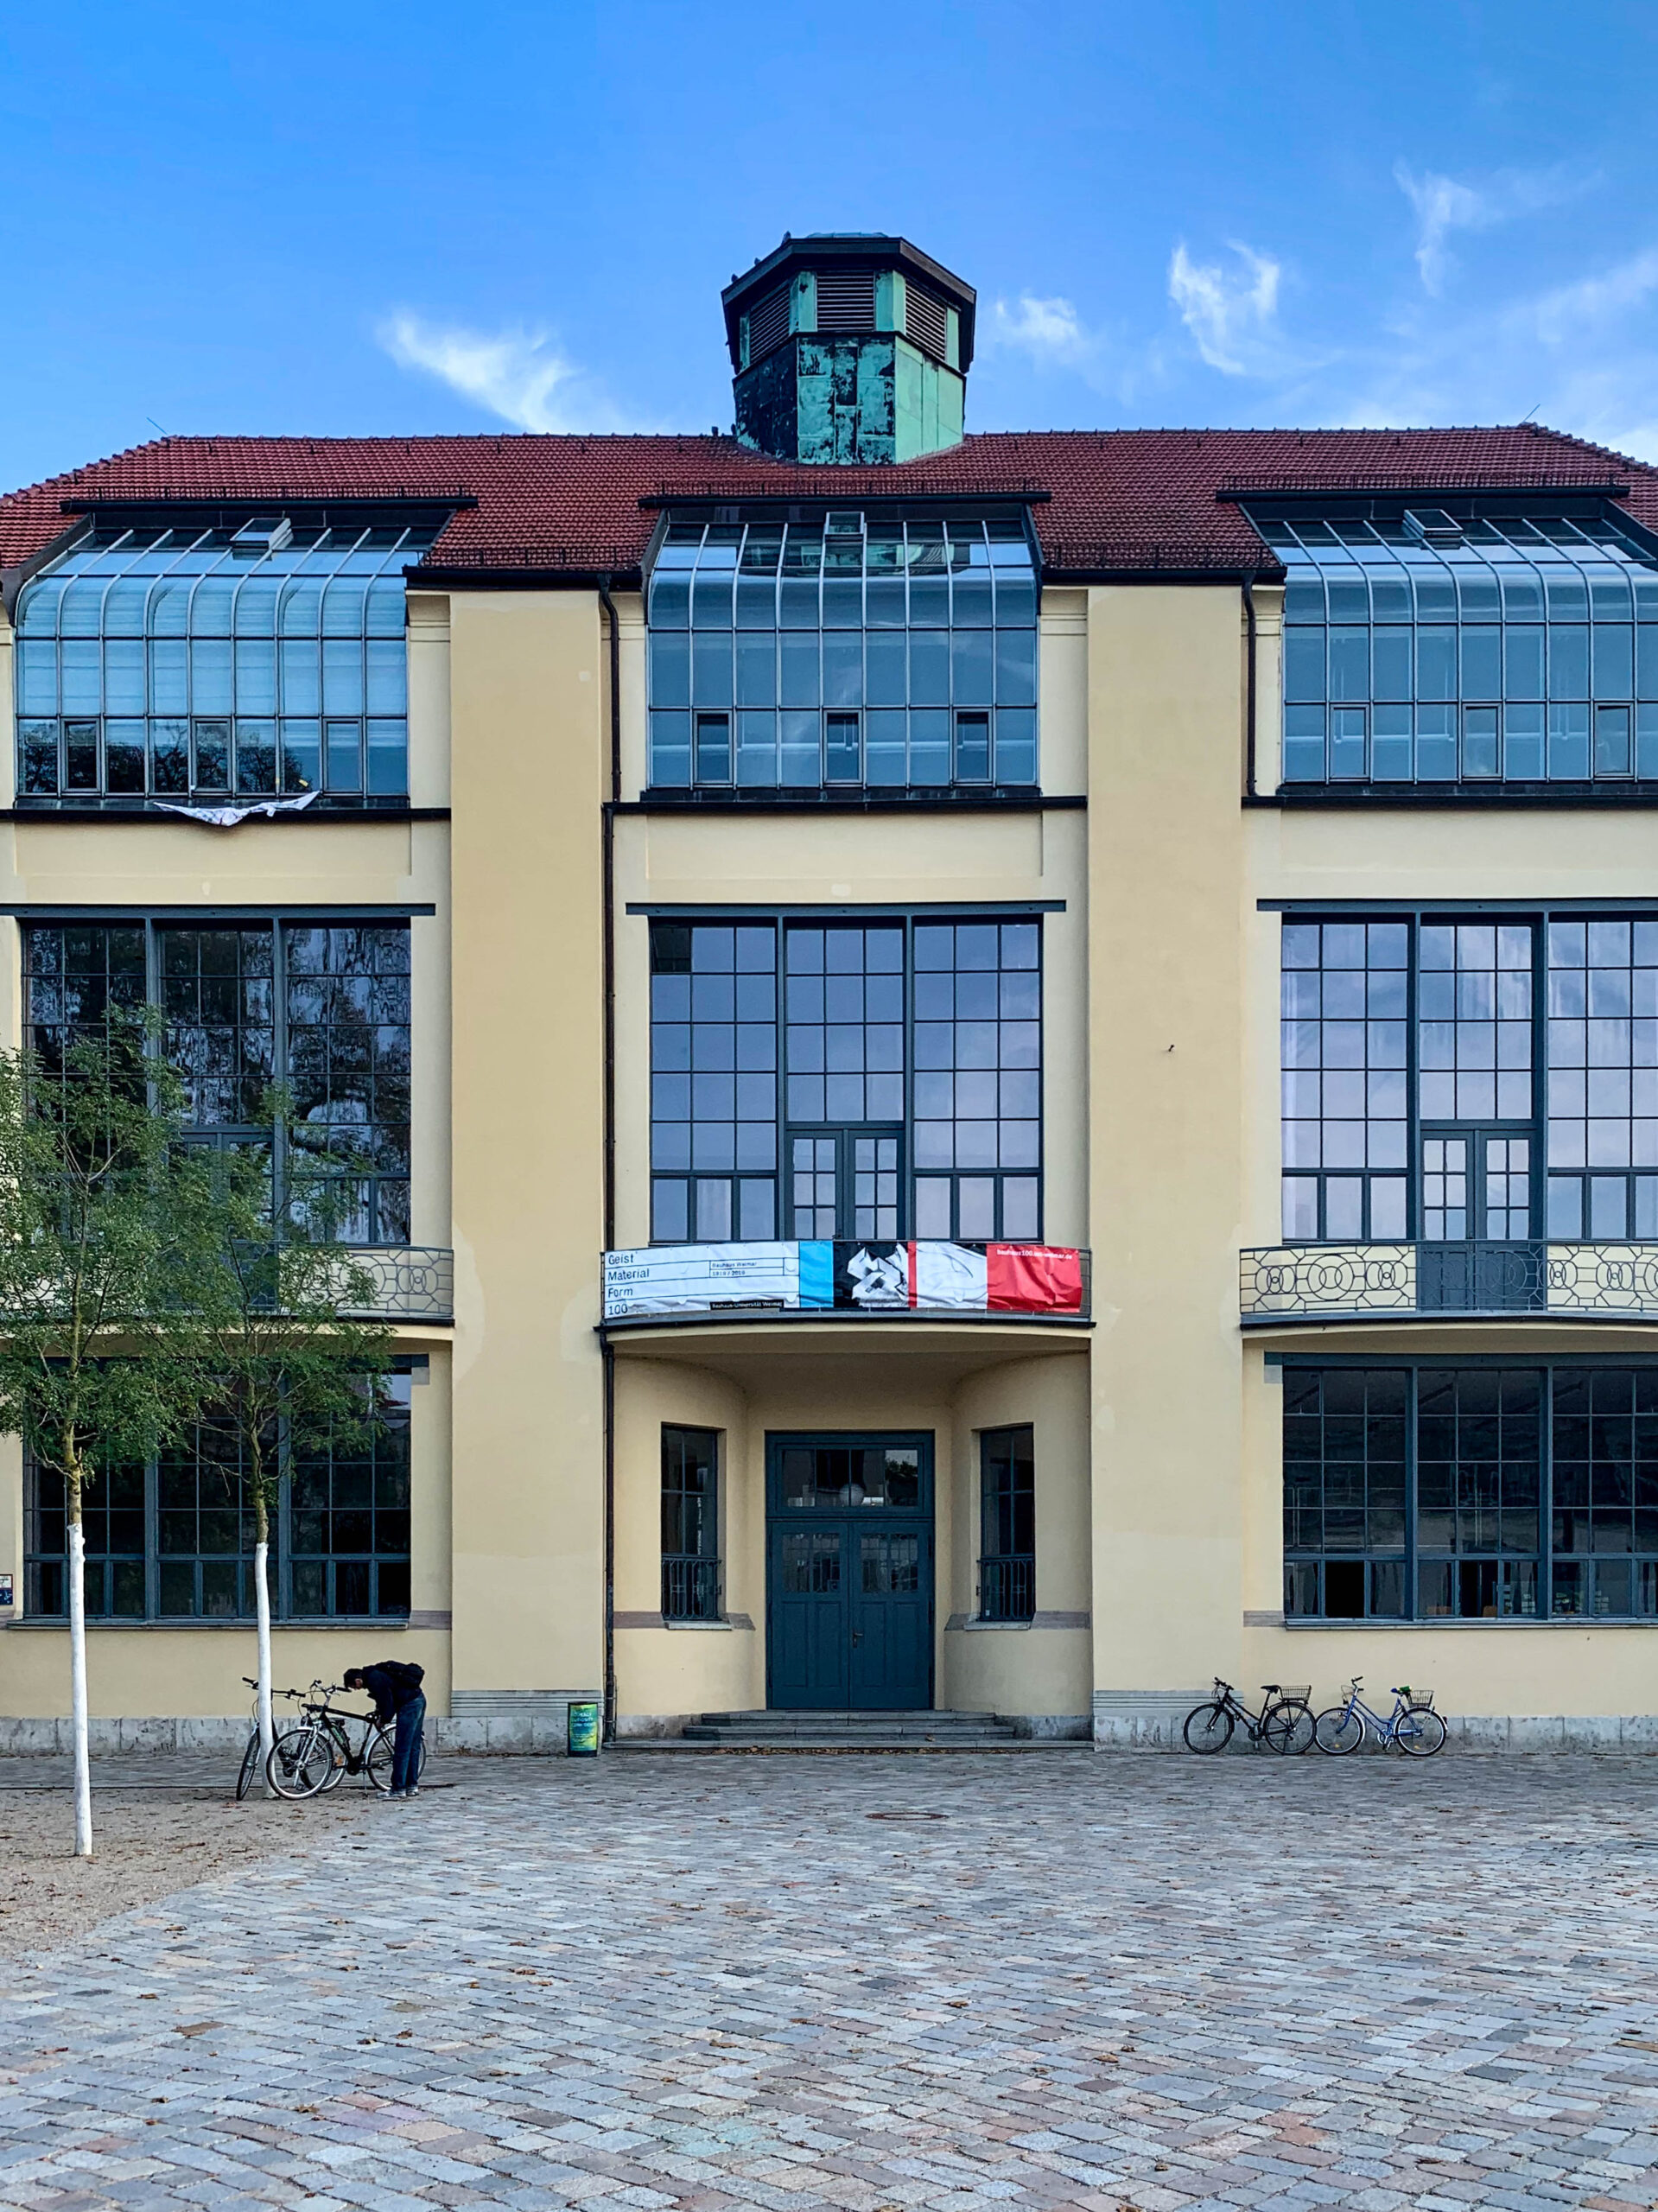 Kunstschule, 1904-1911. Architekt: Henry van de Velde